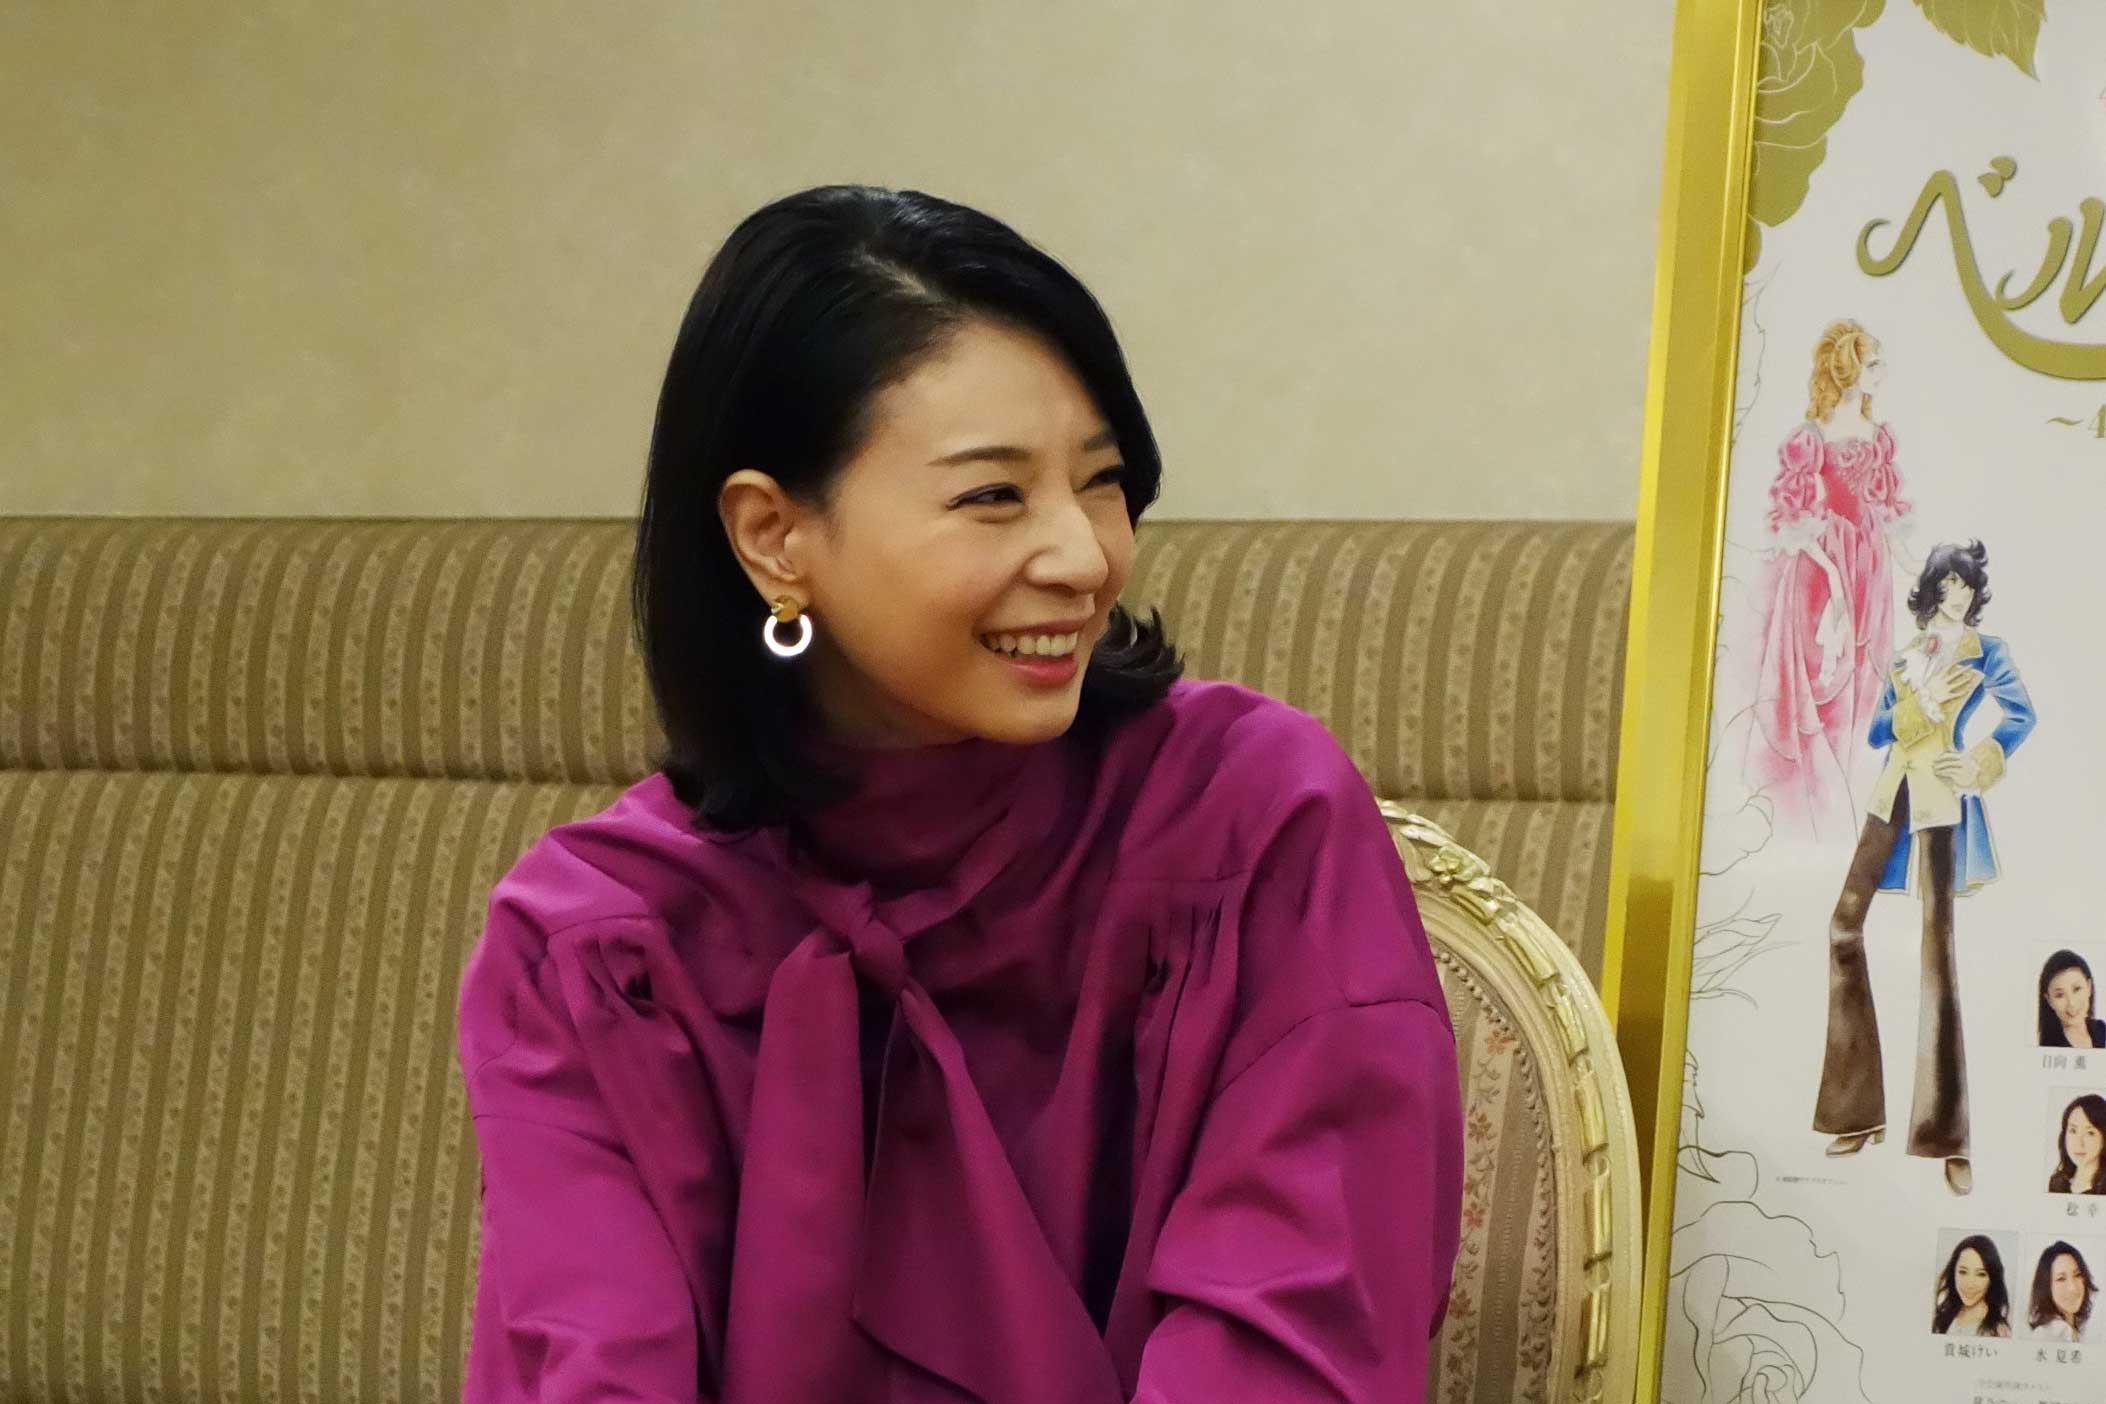 「池田理代子先生の確立なさった素晴らしい世界」と「宝塚の様式美」を大切に、オスカルを演じた朝海ひかる。笑顔で思い出を振り返る